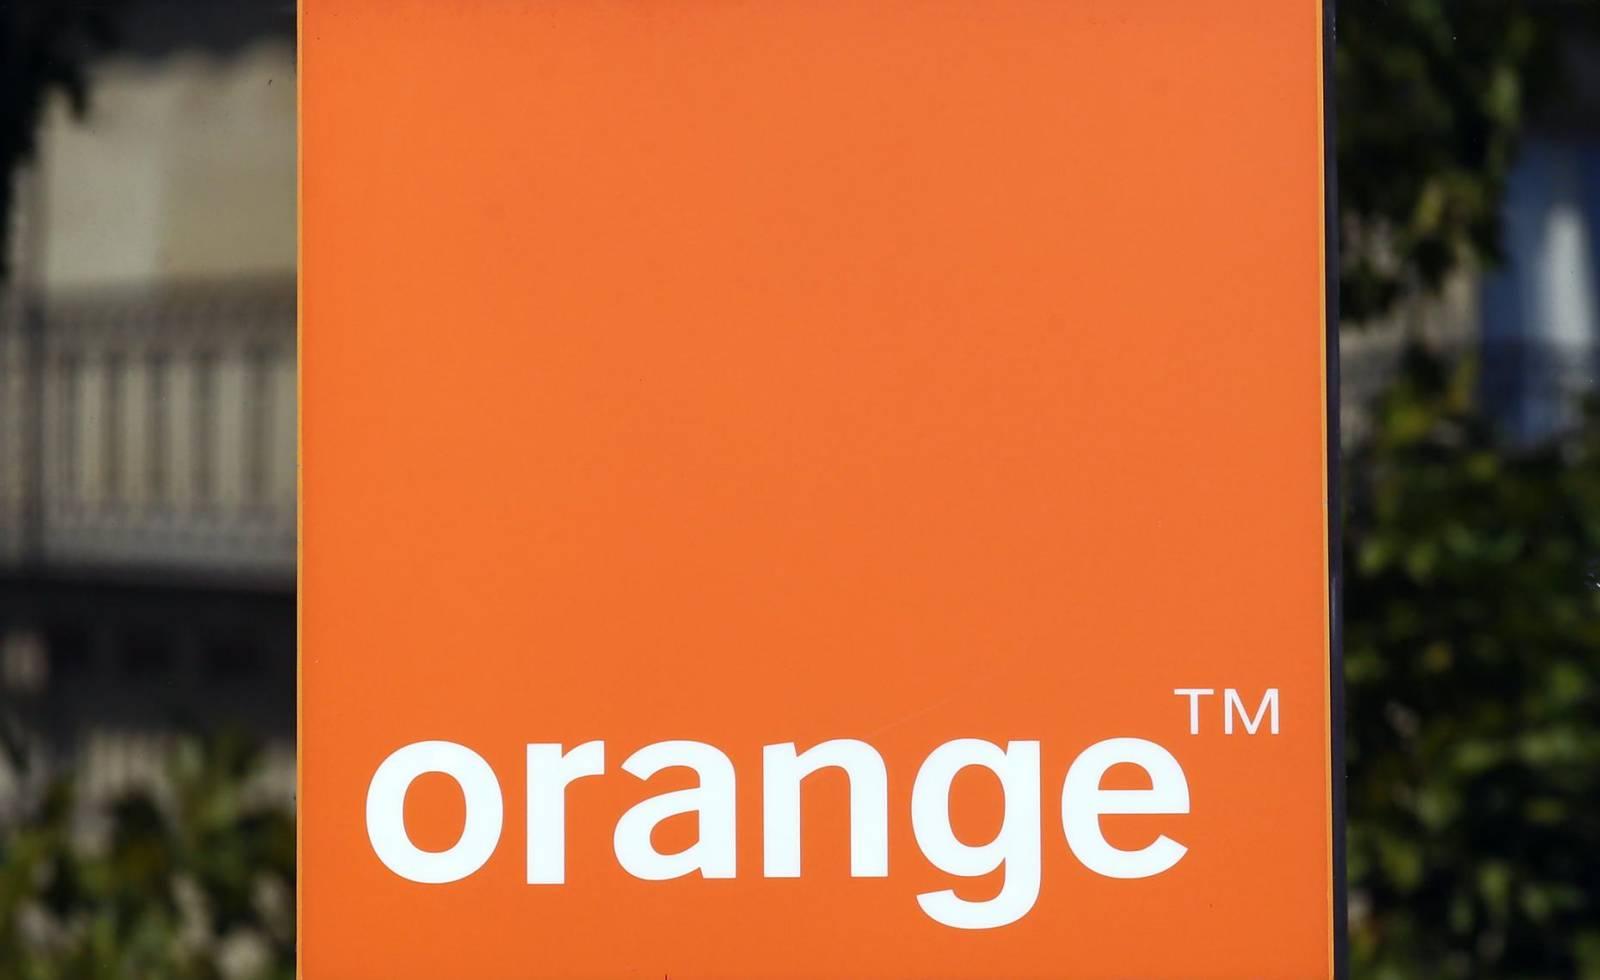 Orange Telefoanele care au Promotii Bune Inainte de Craciun in Romania